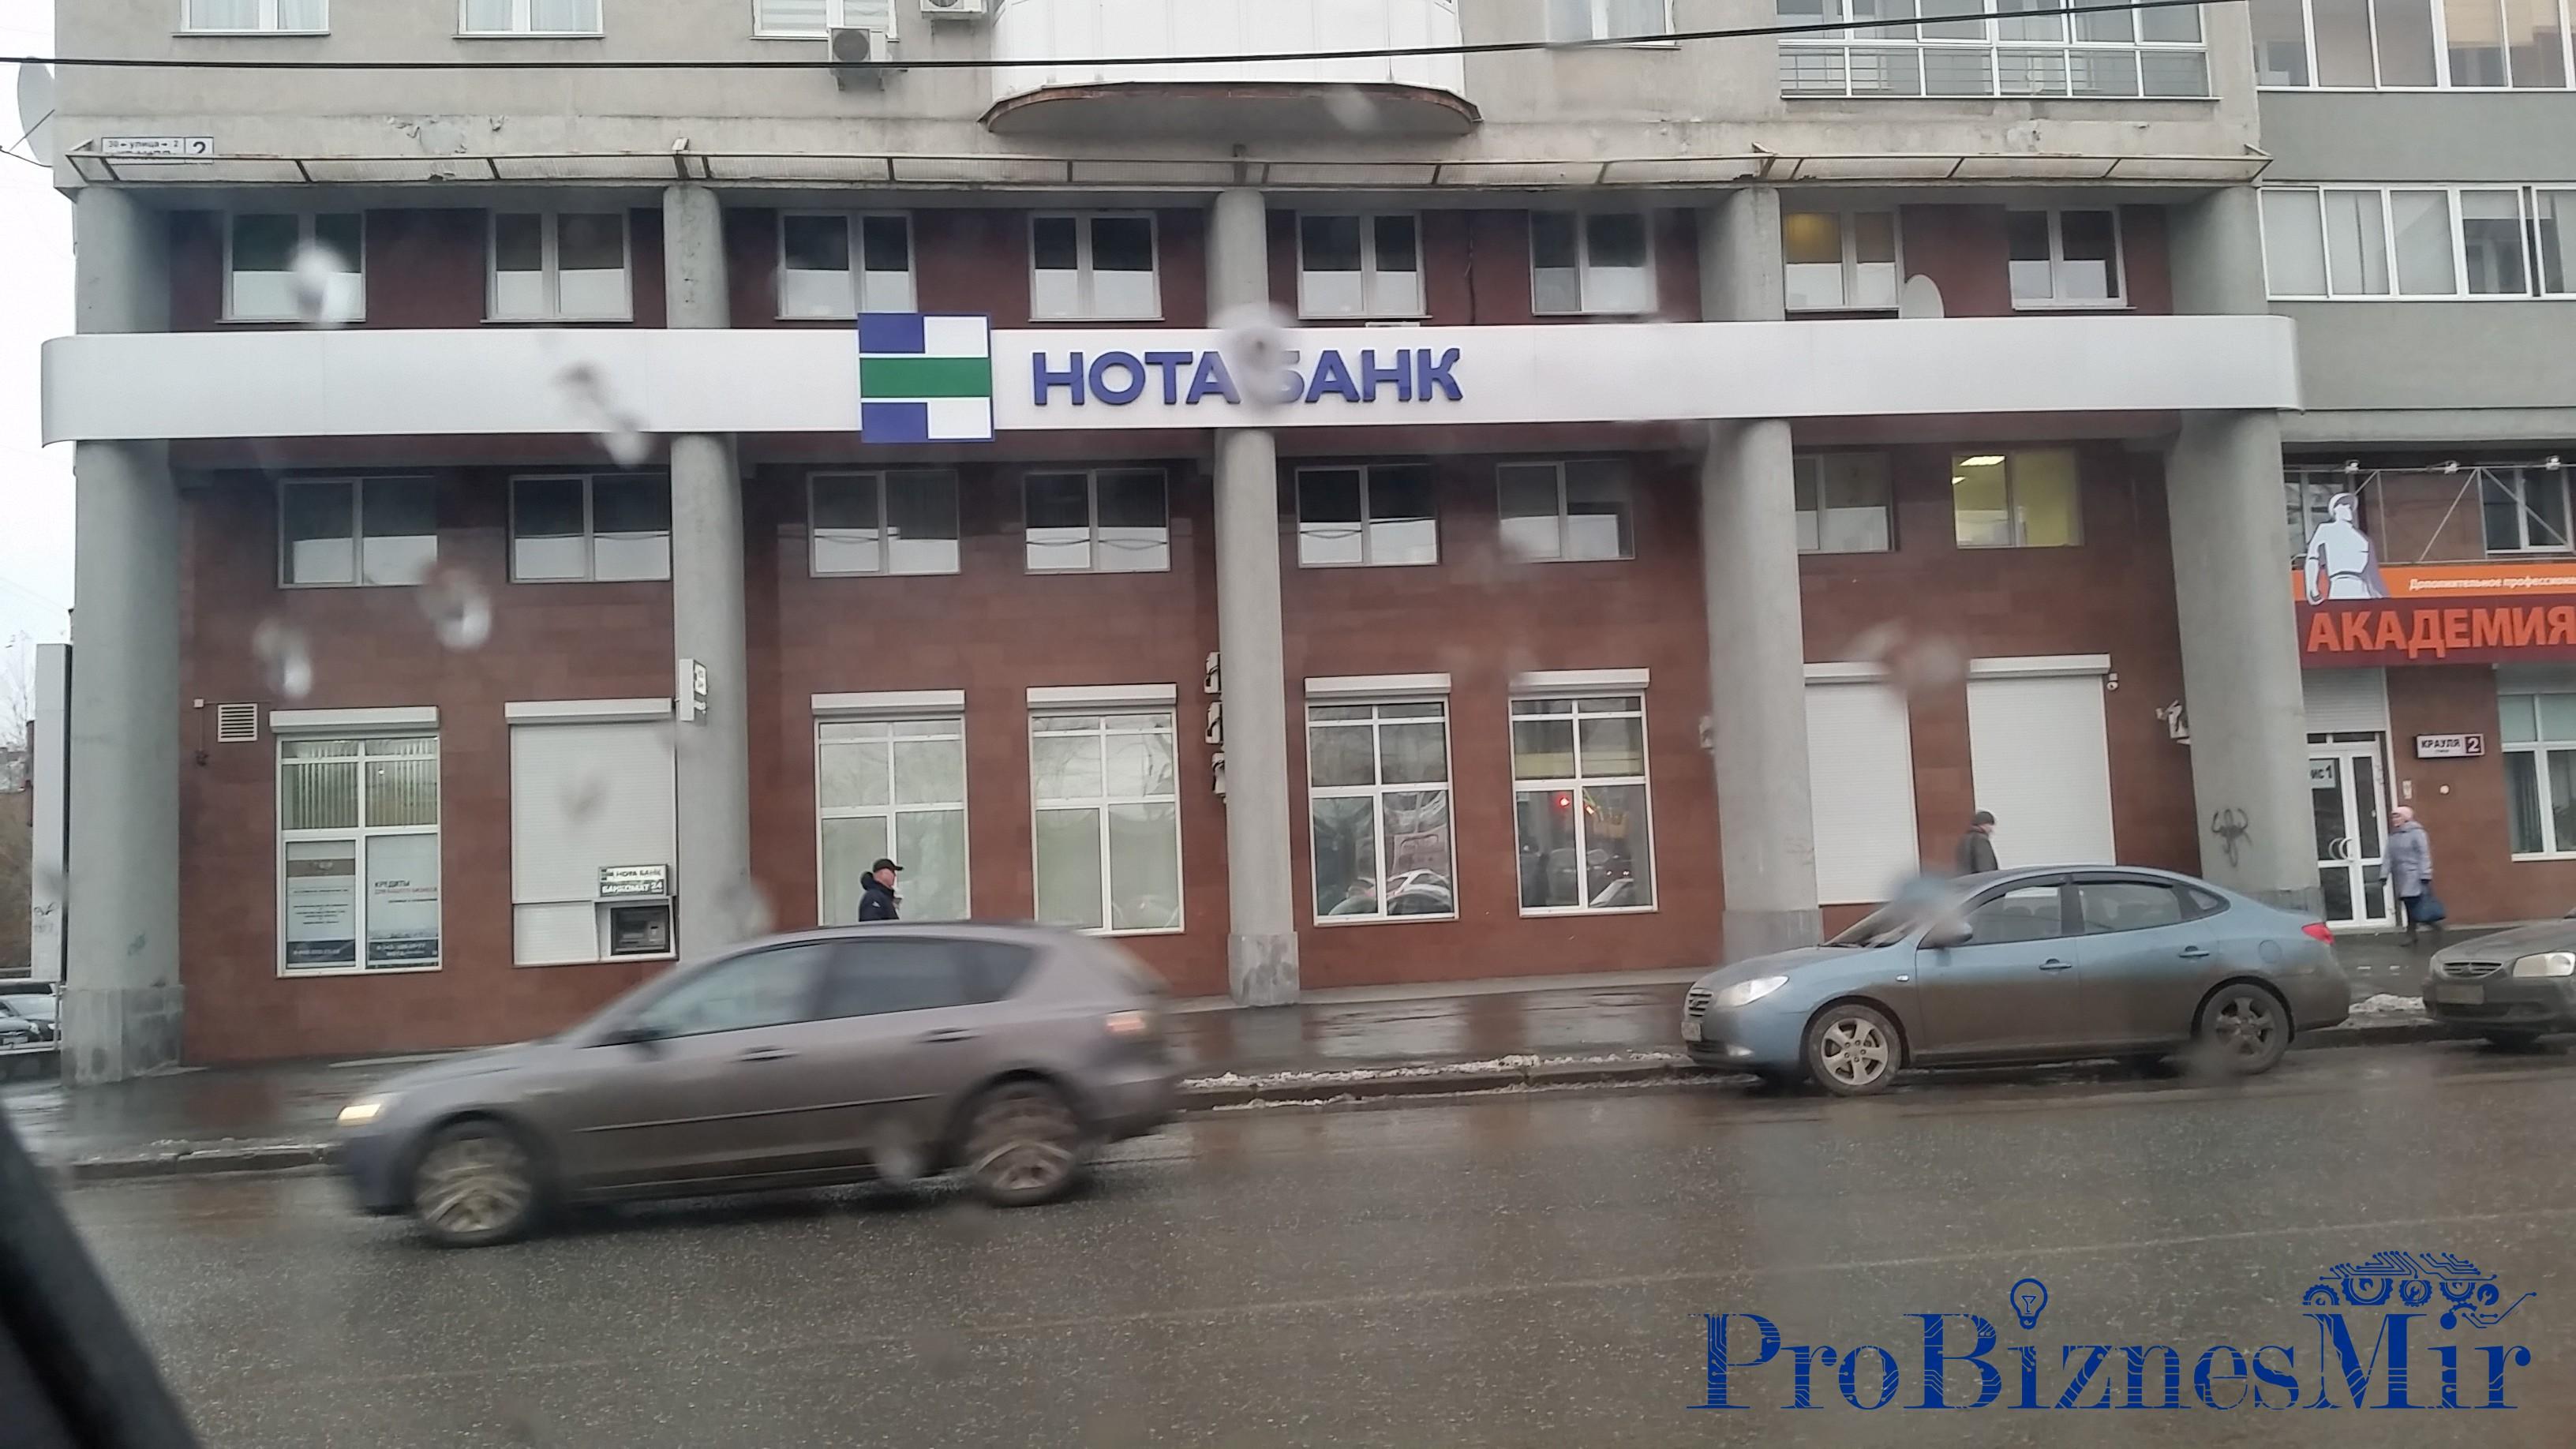 арест совладельцев НОТА-банк